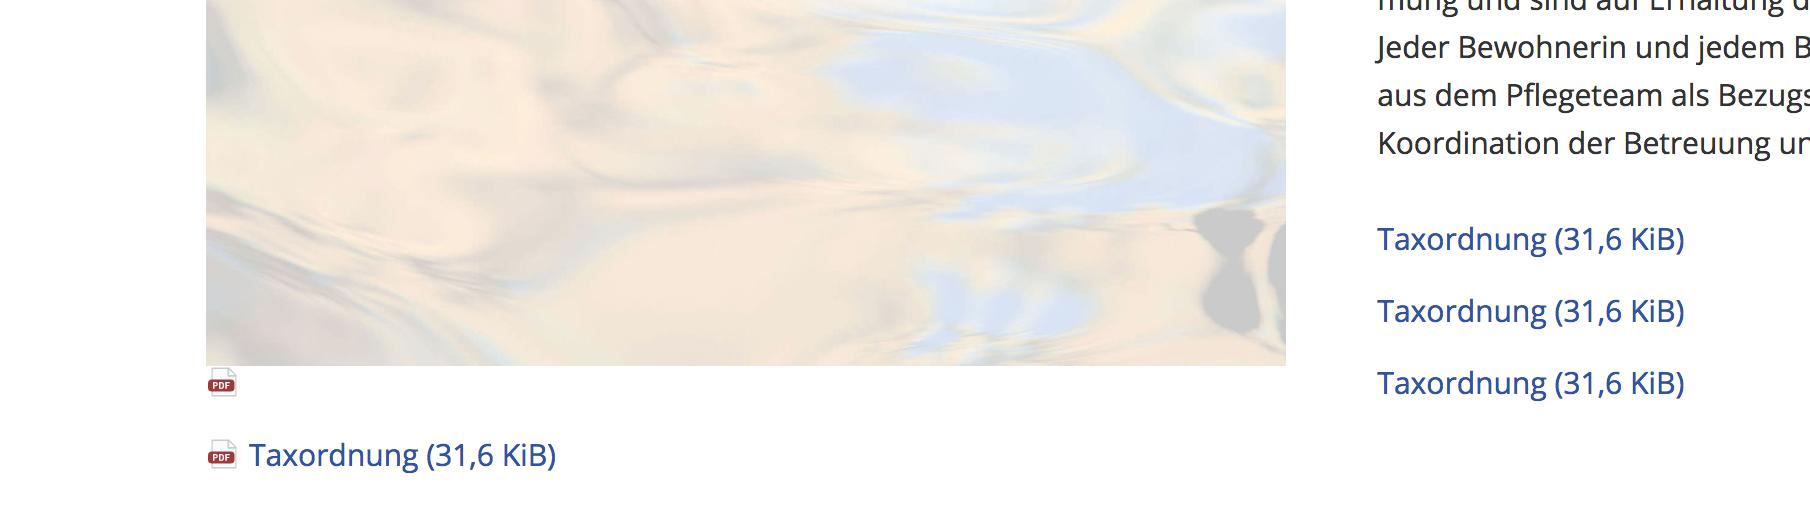 Bildschirmfoto_2018-09-14_um_08.50.24